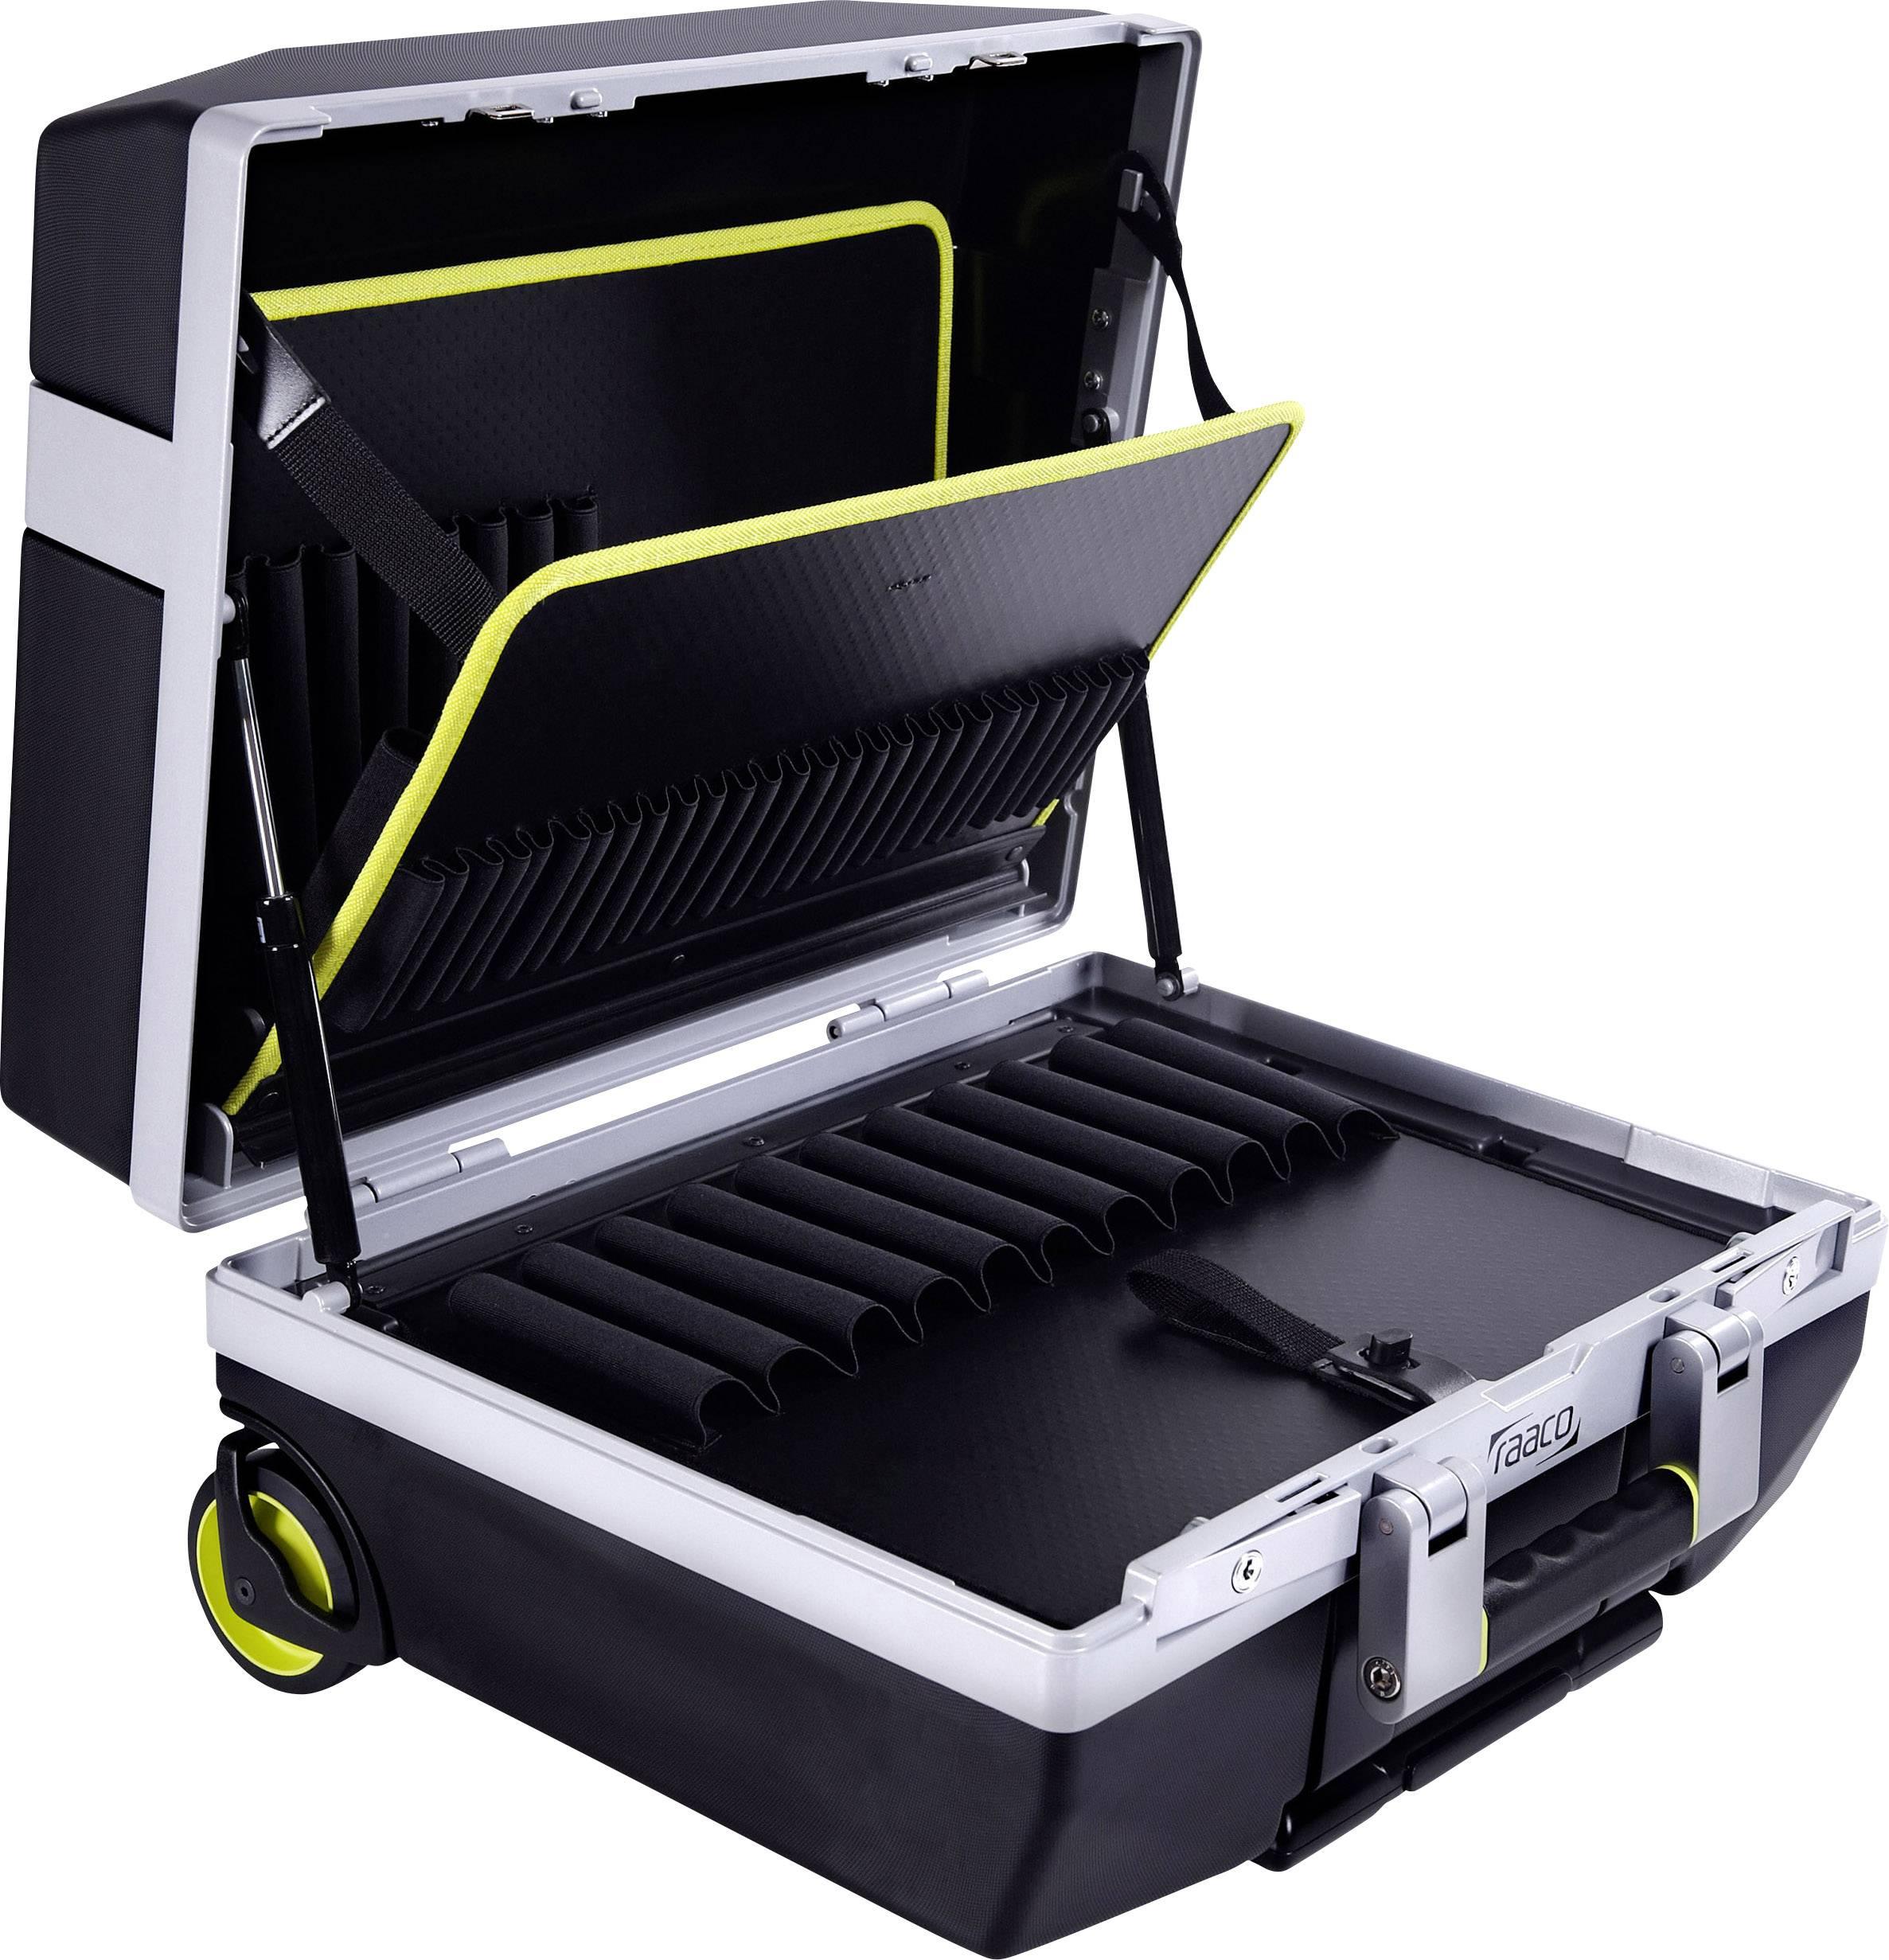 Kufřík na nářadí raaco ToolCase Premium XLT - 79 139557, (š x v x h) 485 x 410 x 250 mm, 1 ks